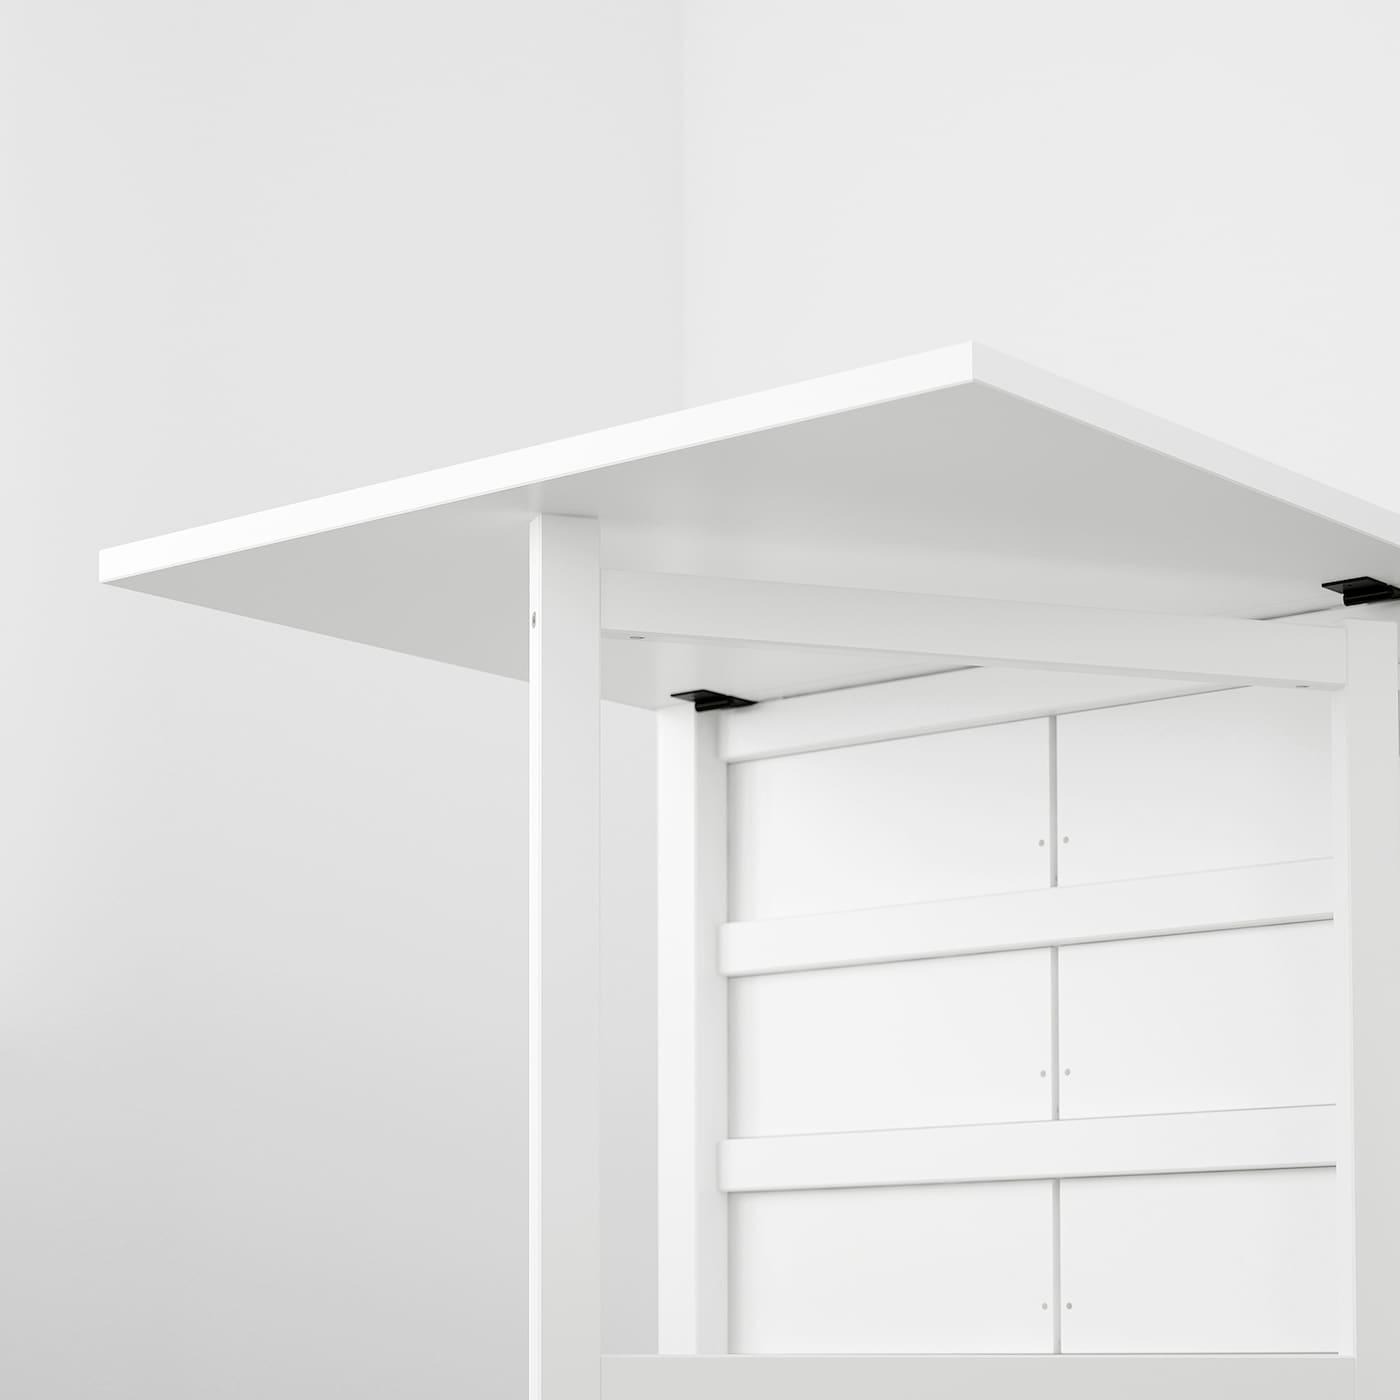 NORDEN Klapptisch - weiß 20/20/20x20 cm